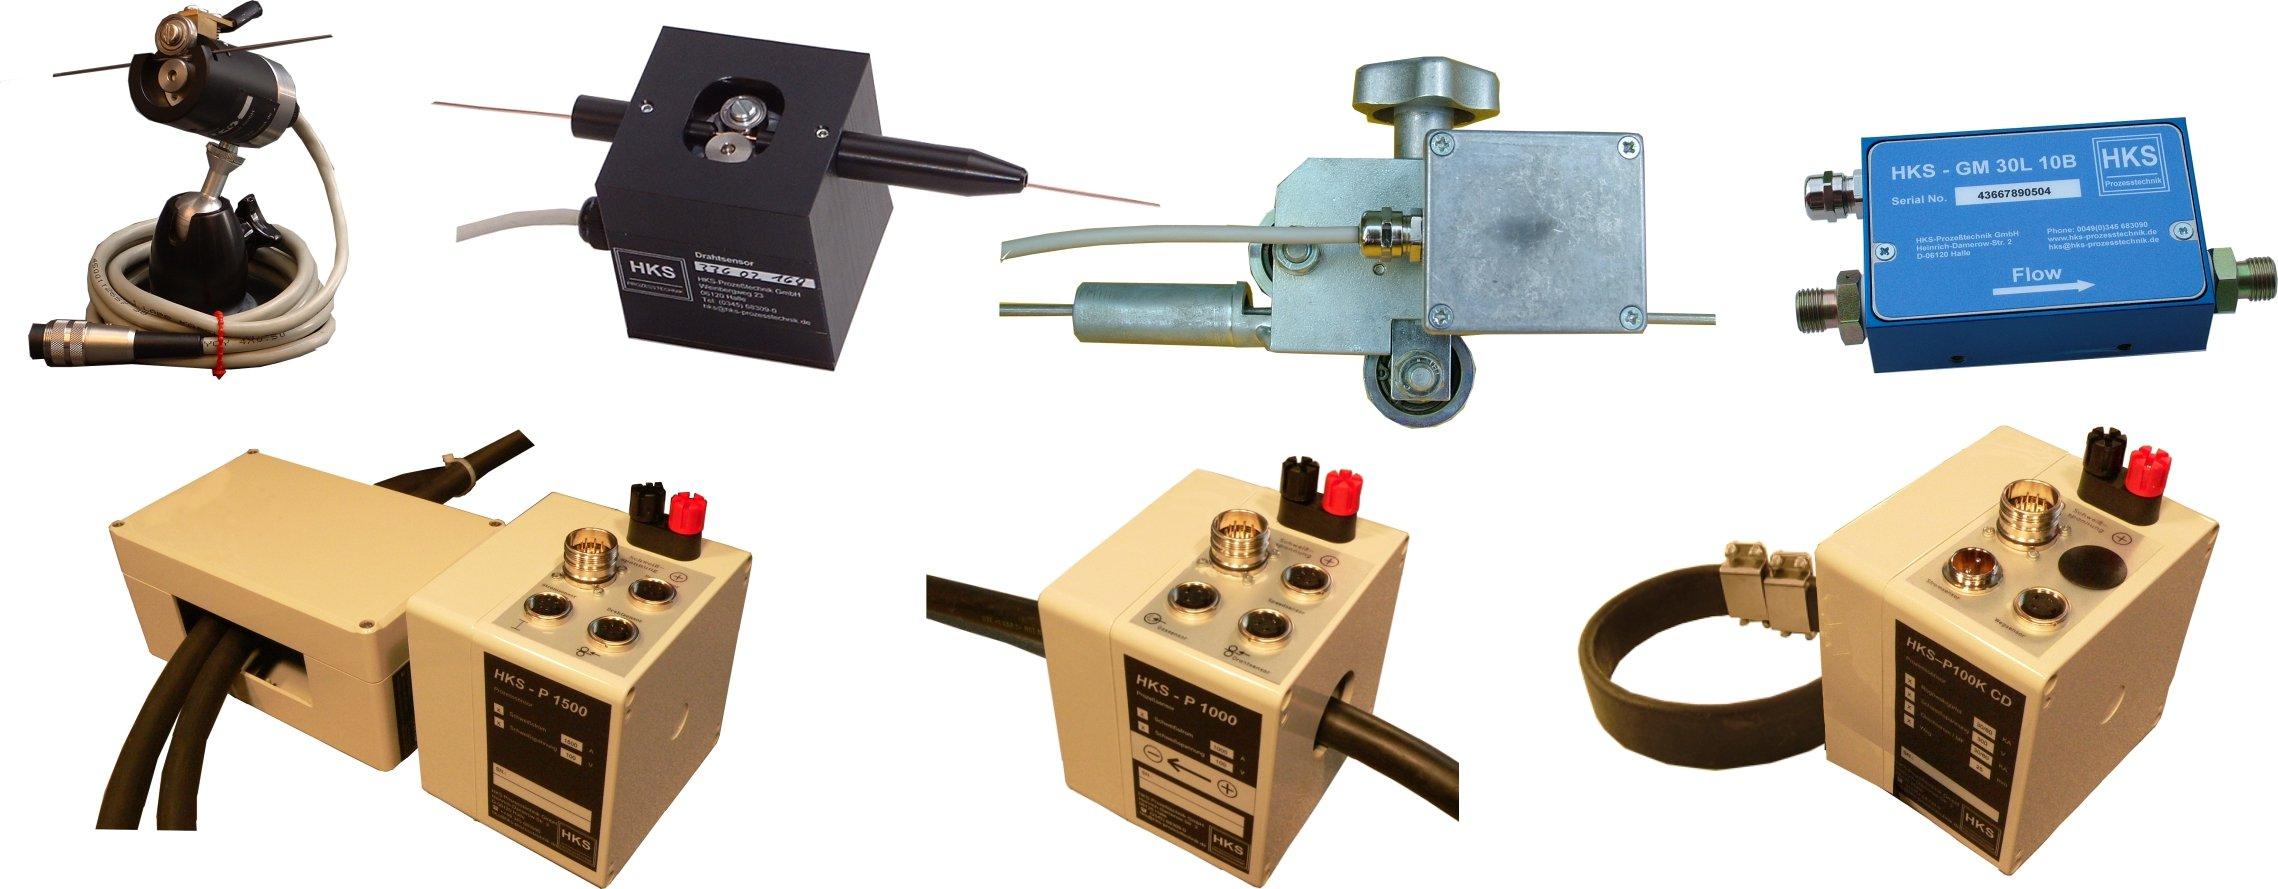 HKS Sensoren Produktuebersicht